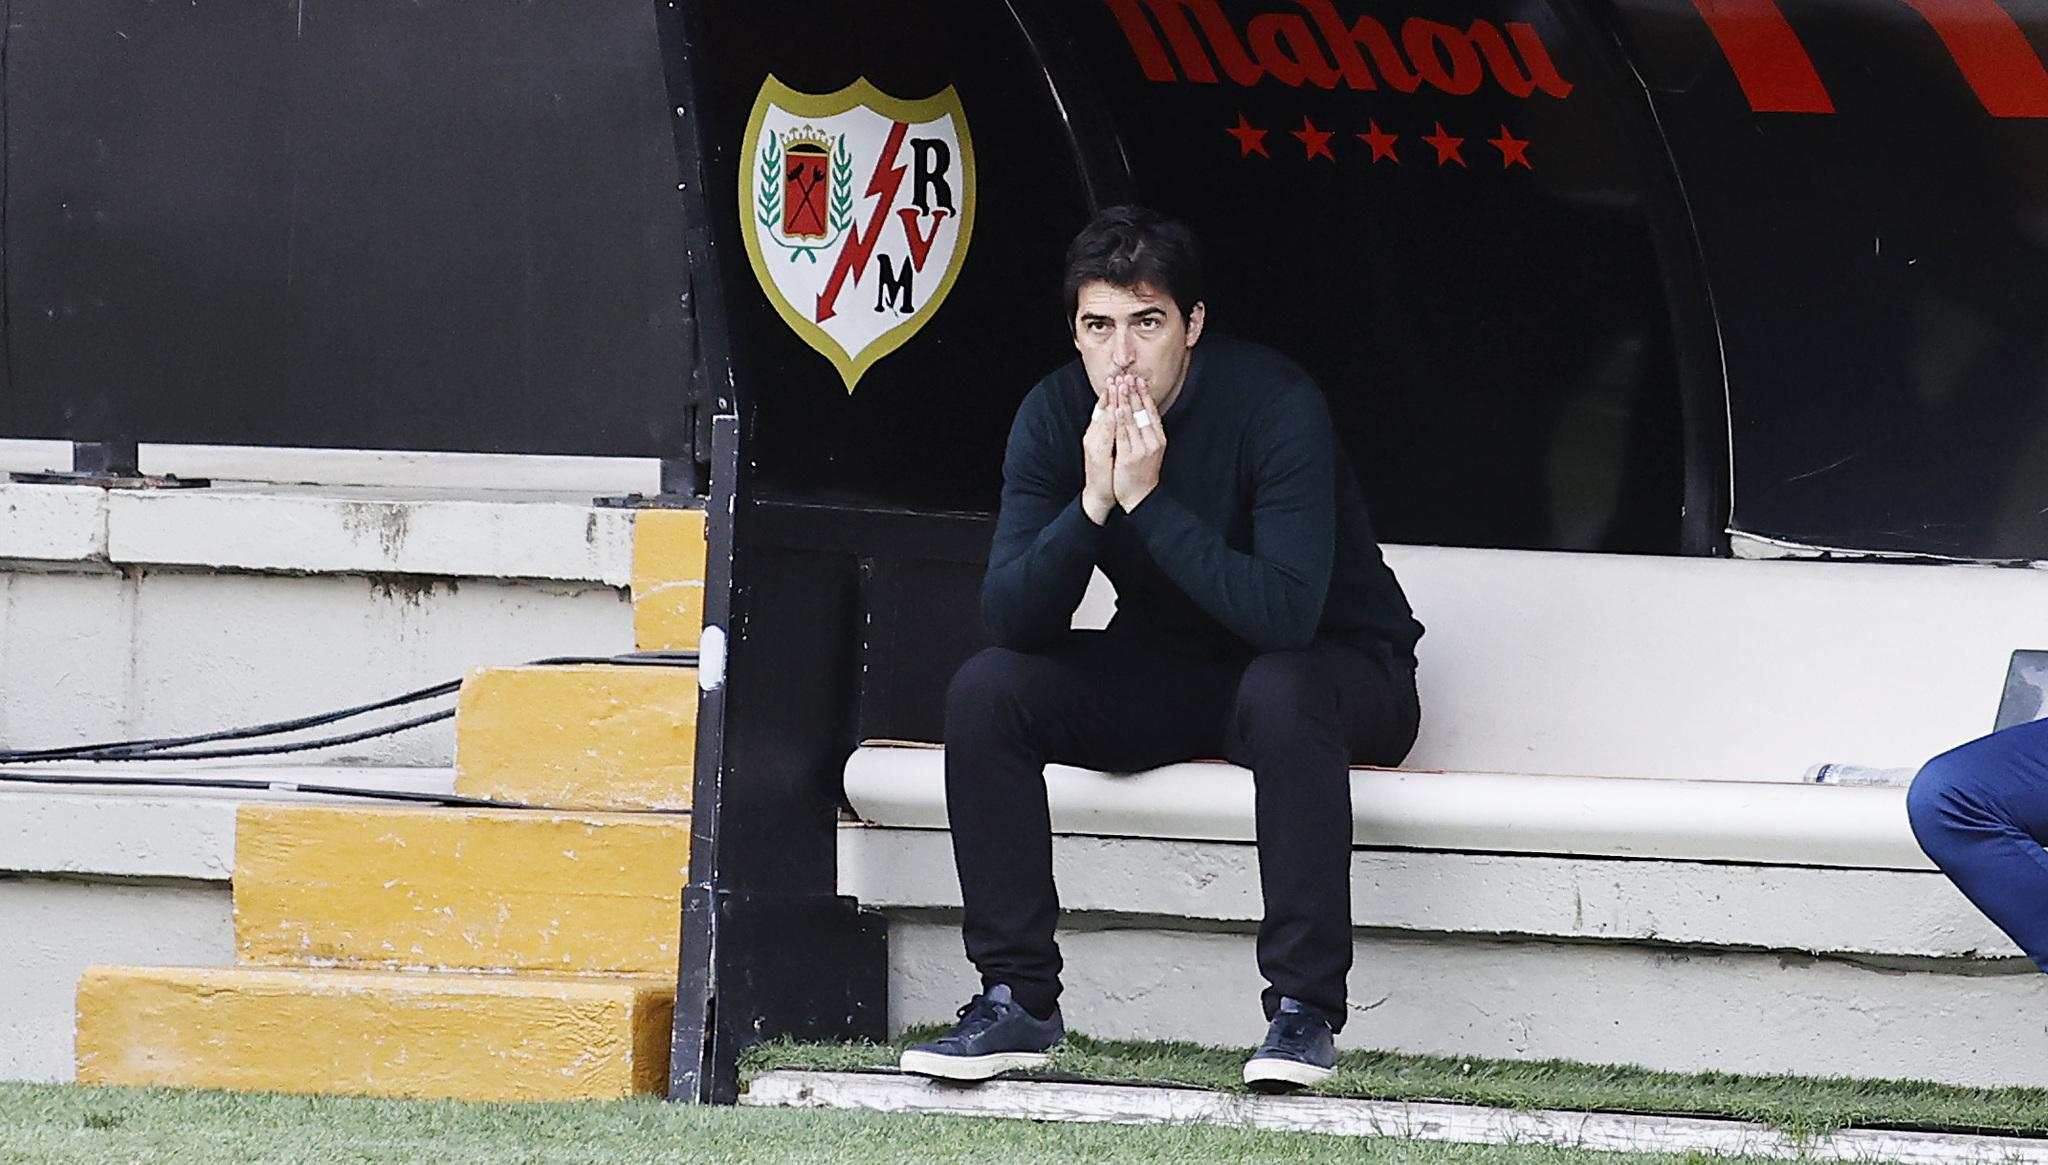 Iraola (38) durante el último choque entre Rayo Vallecano y Leganés.